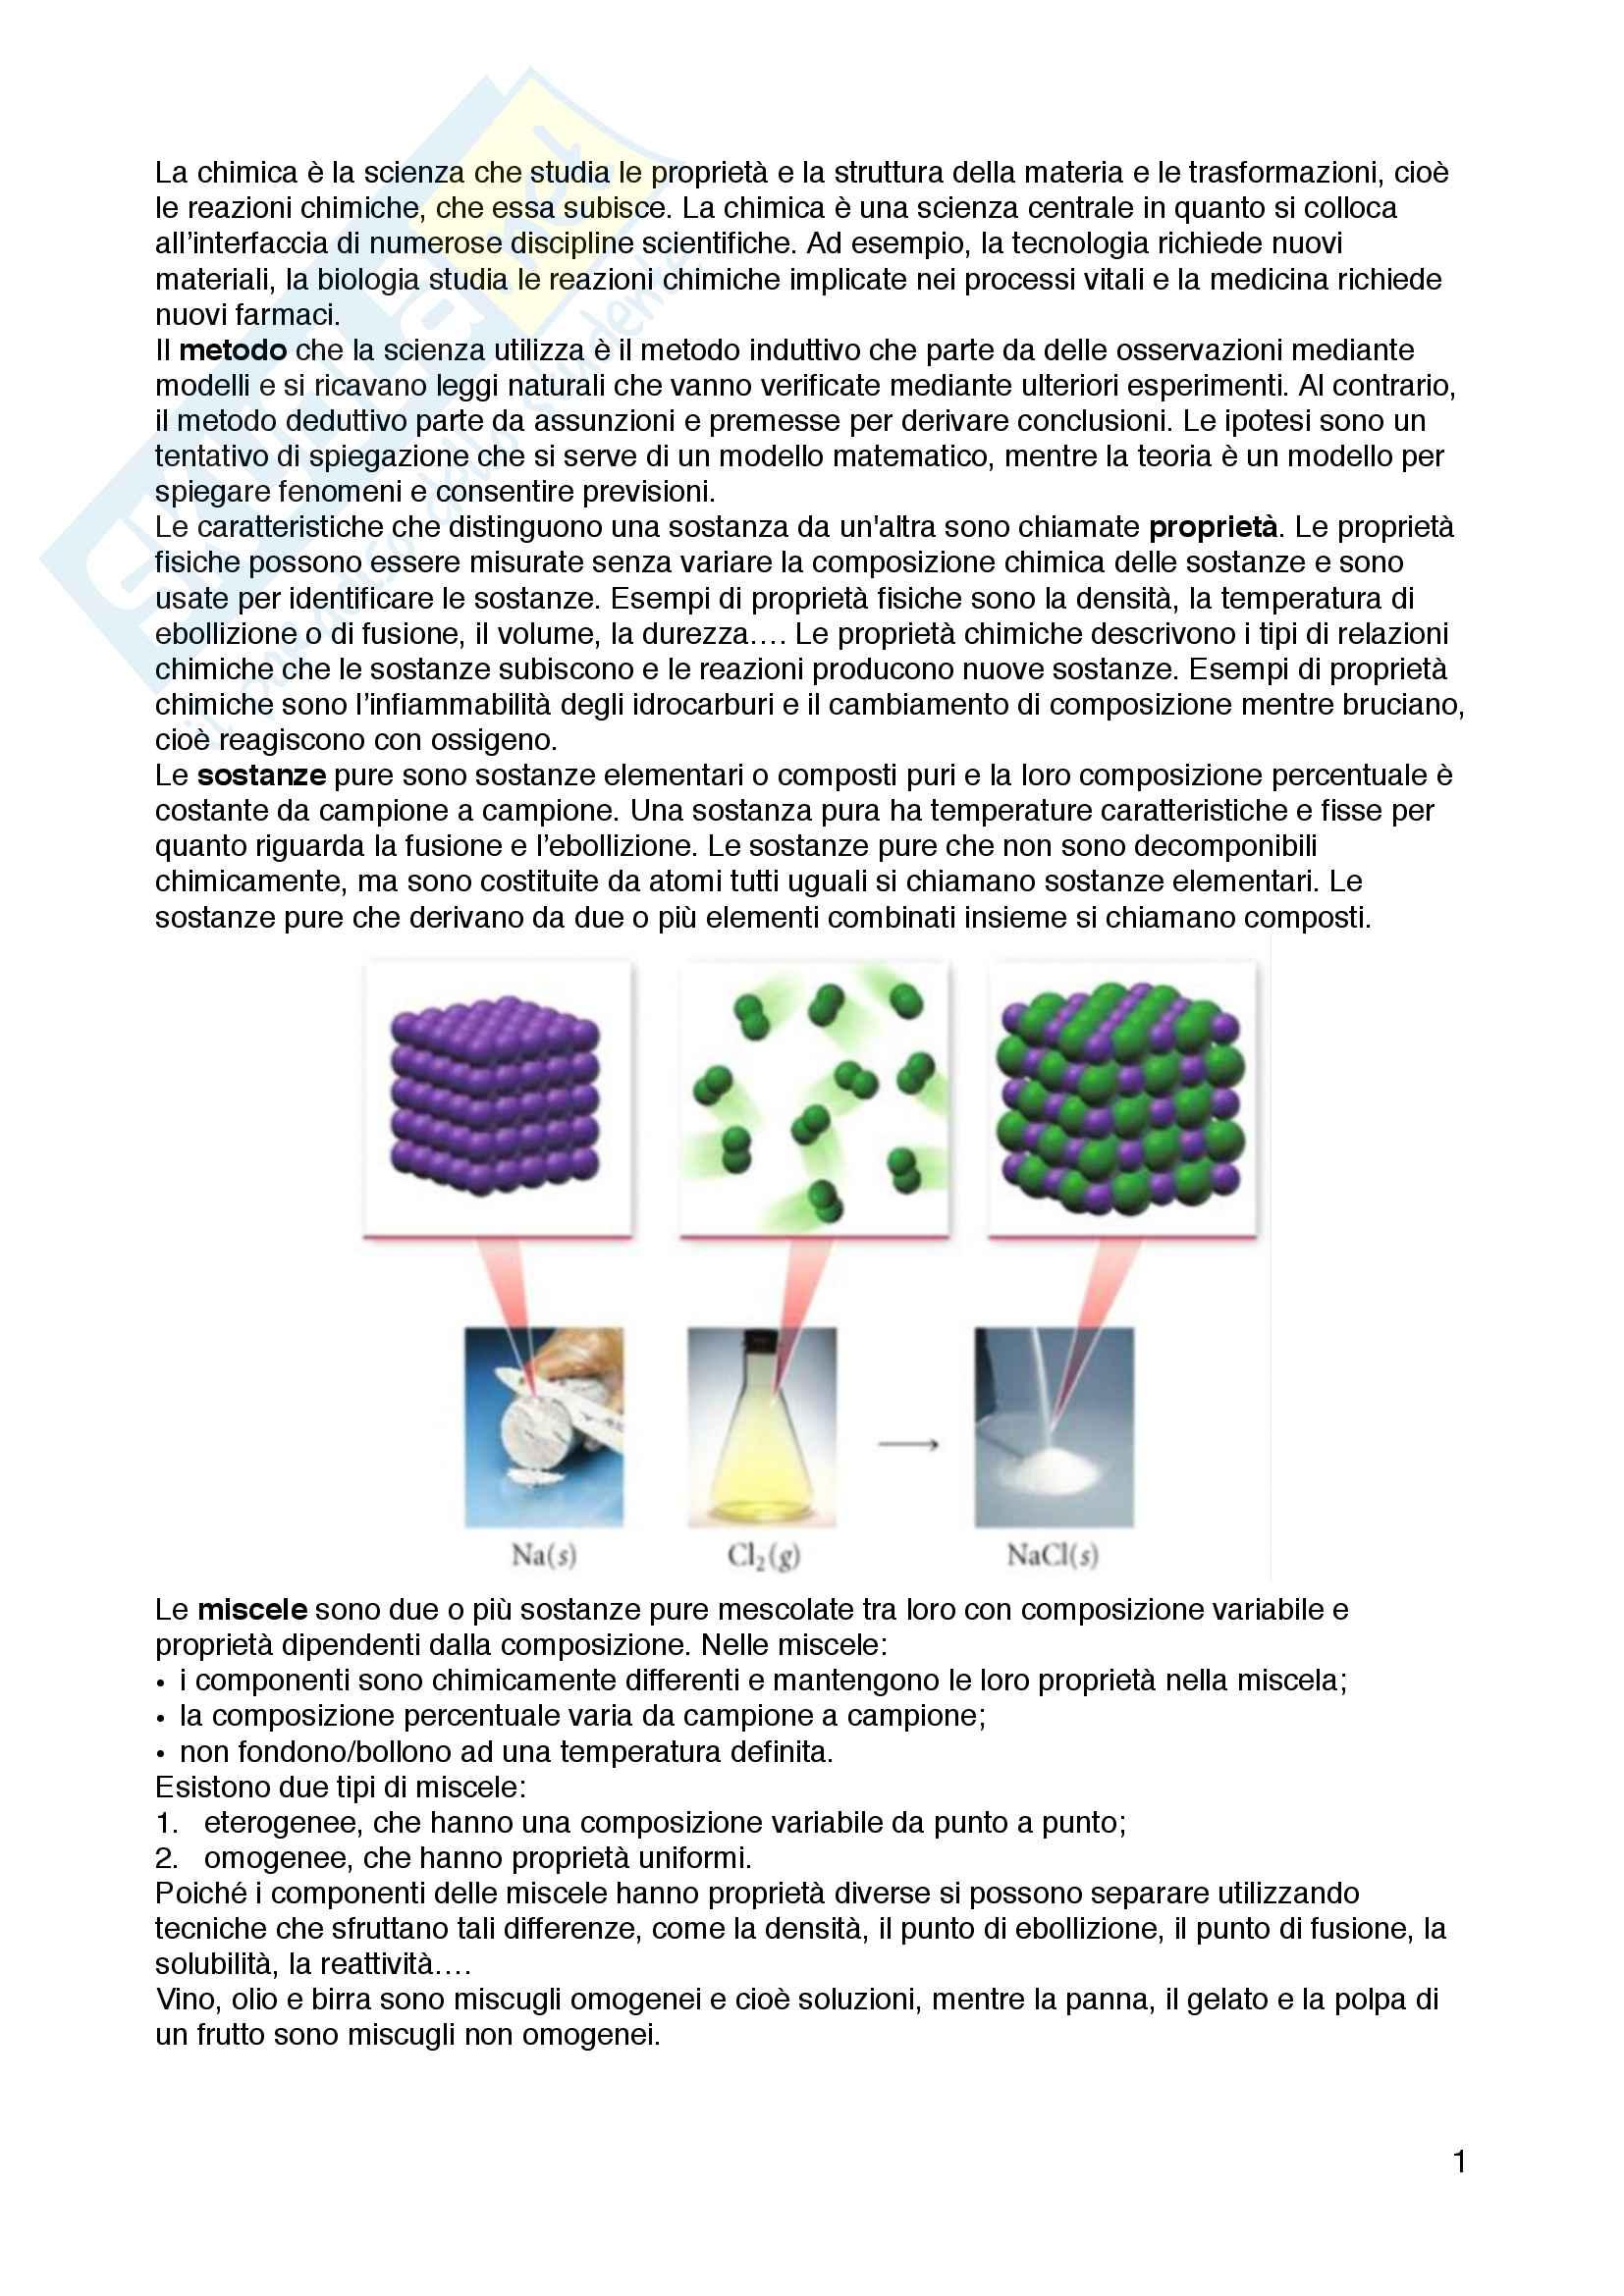 Appunti di chimica generale e inorganica, Marta Ferraroni